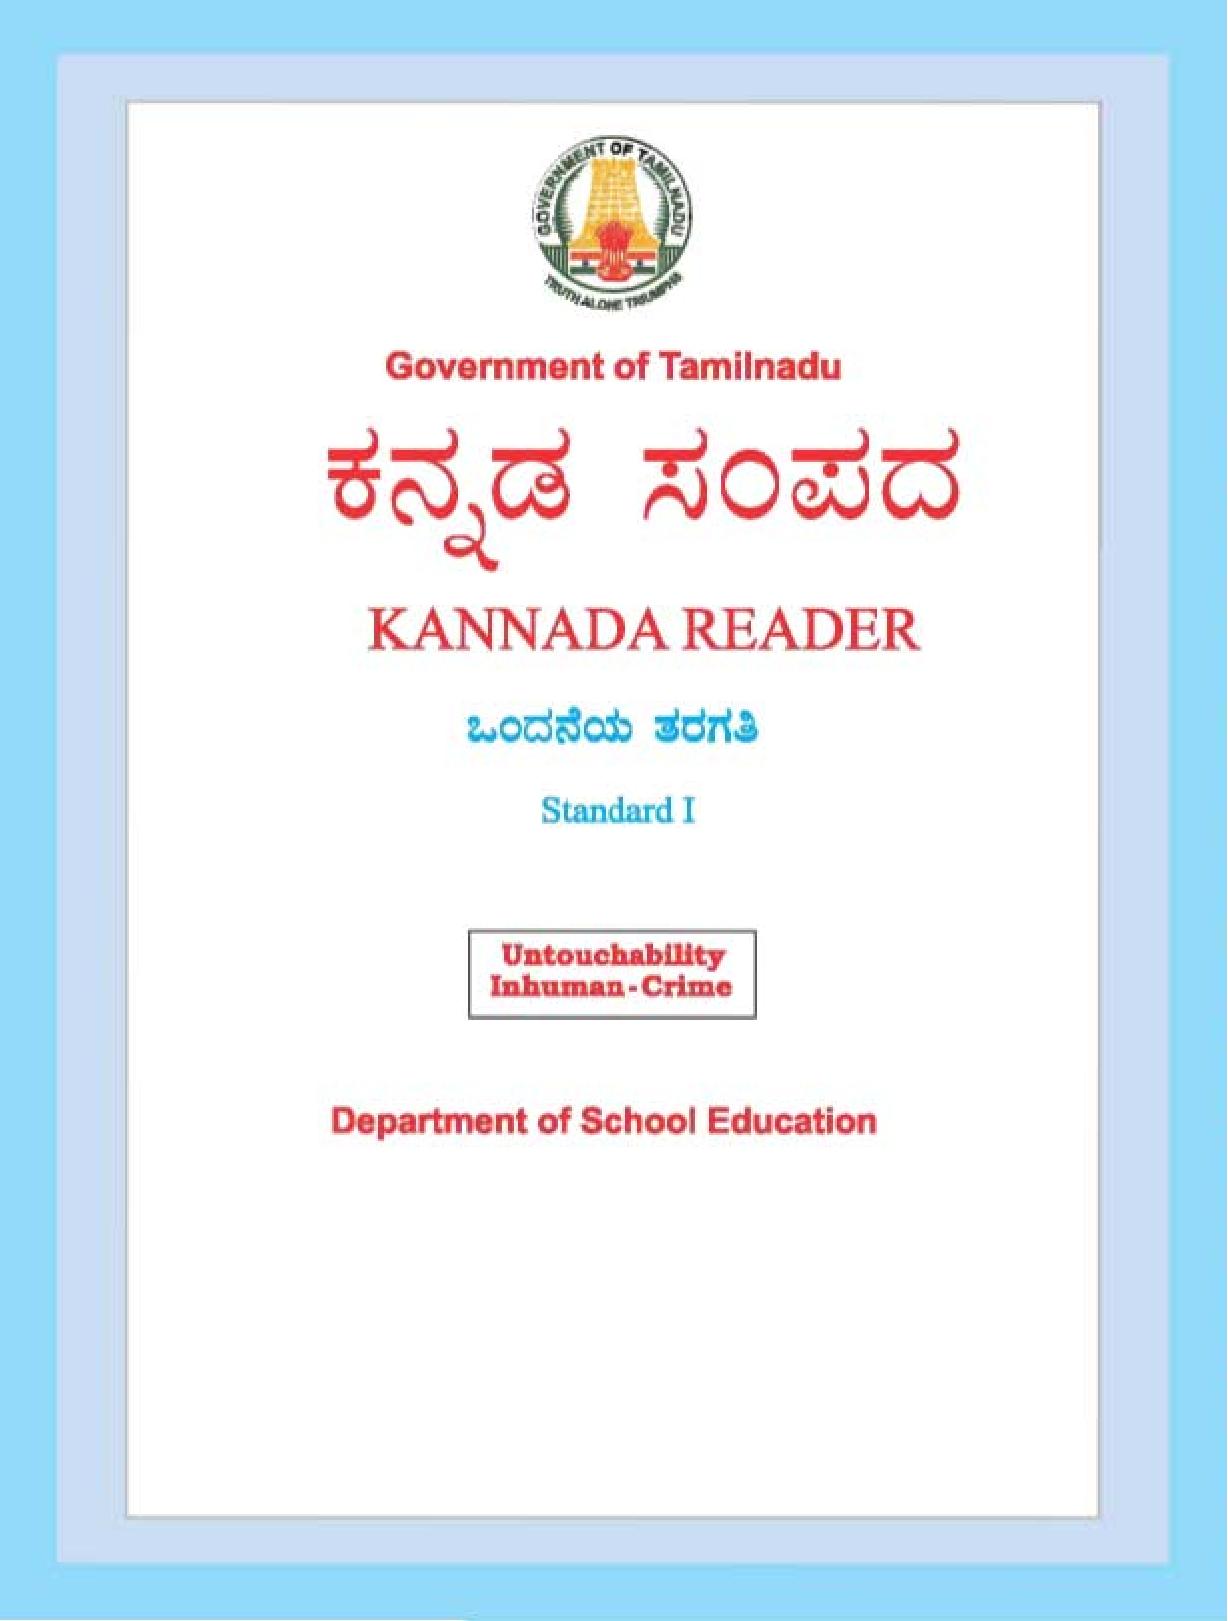 Grade / Standard / Class 1, Kannada Medium, Kannada Reader Text Book, page